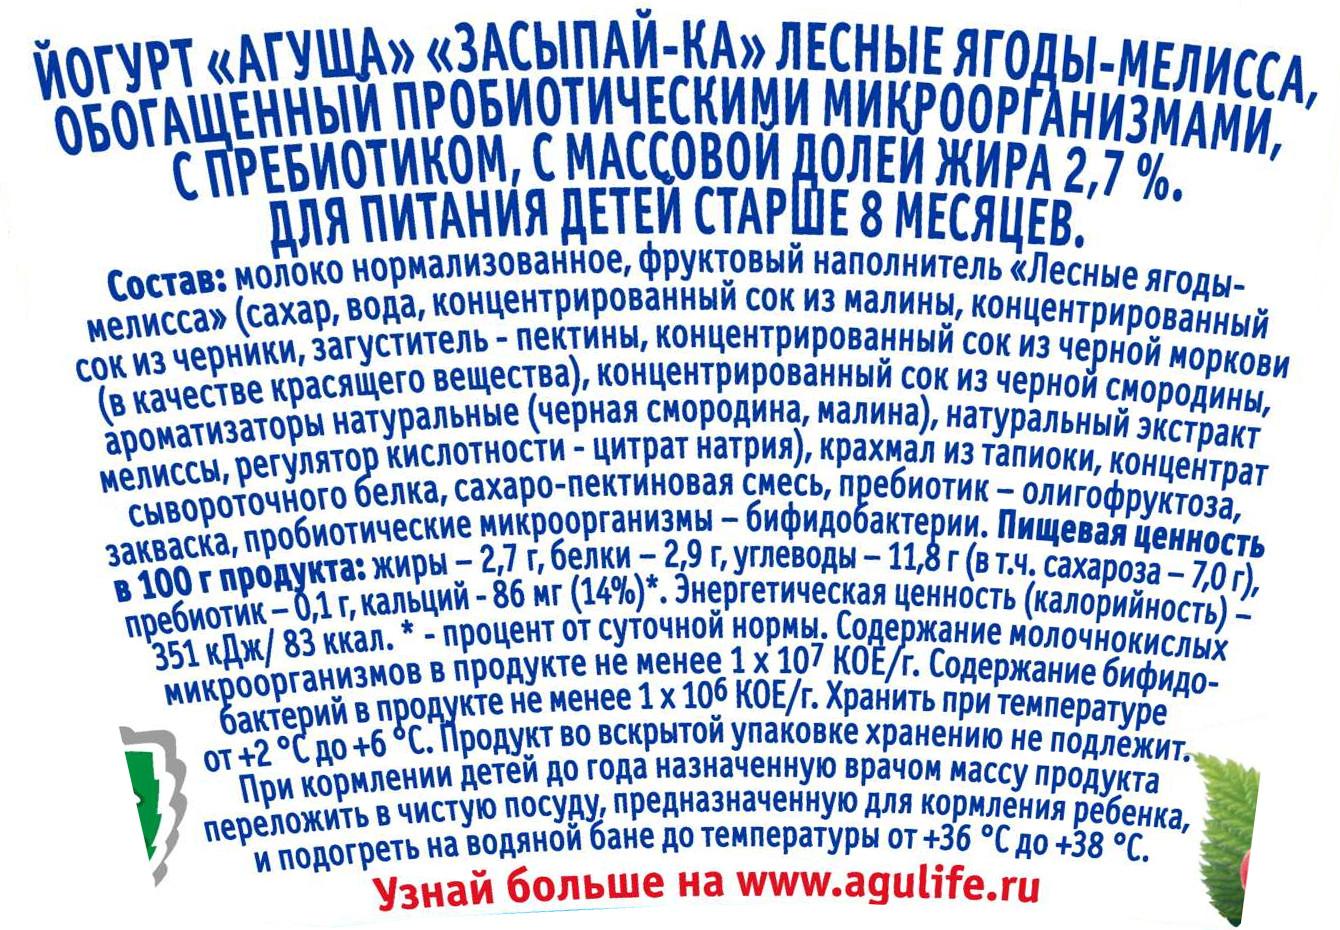 Молочная продукция Агуша «Засыпай-ка» Лесные ягоды-мелисса 2,7% с 8 мес. 200 мл молочная продукция беллакт молоко стерилизованное с витаминами а с 2 5% 8 мес 200 мл